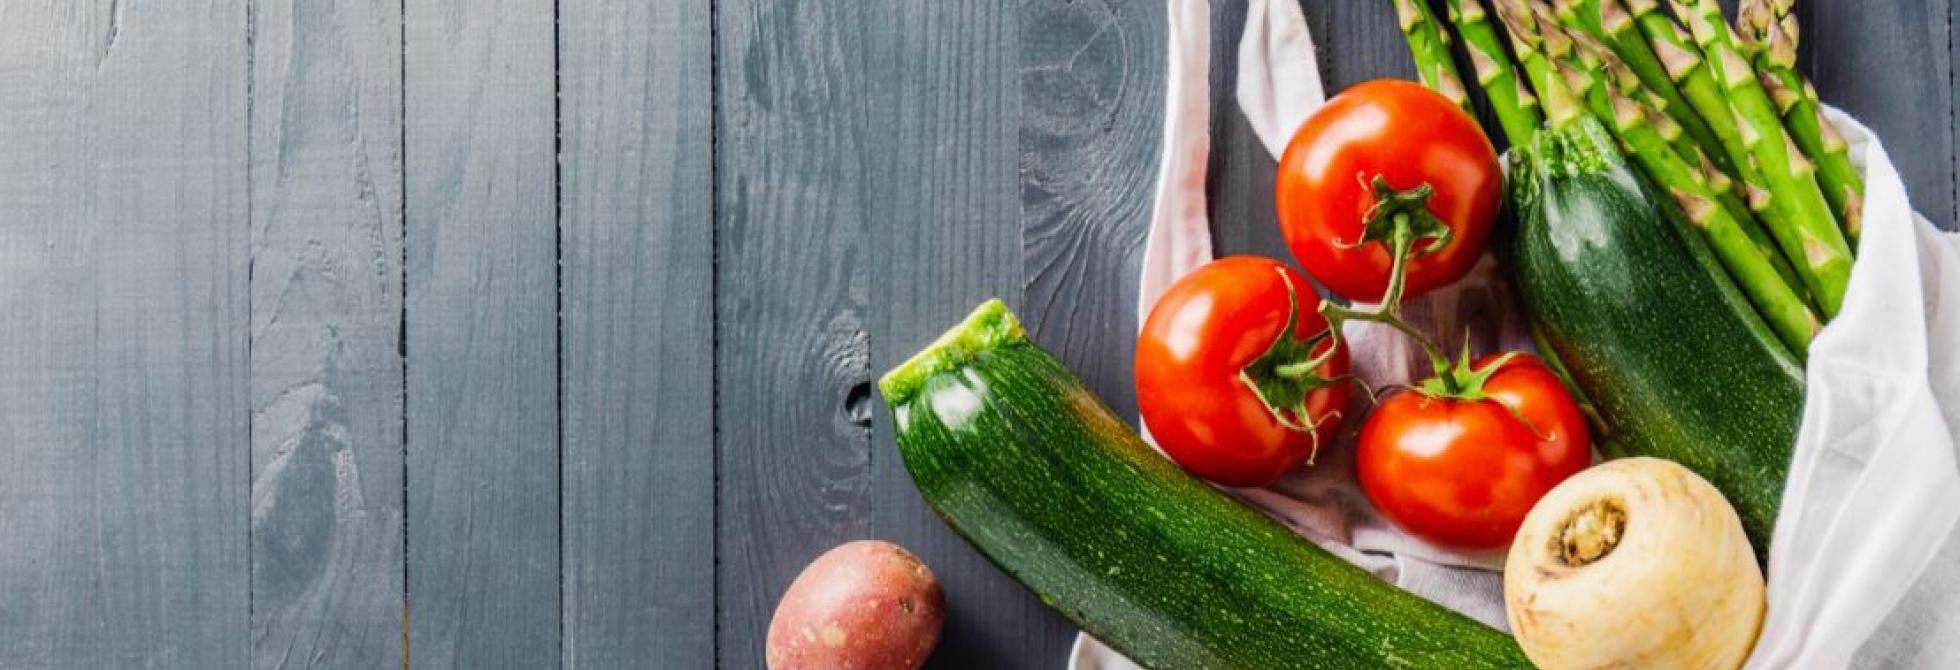 Semaine de la diététique 2021